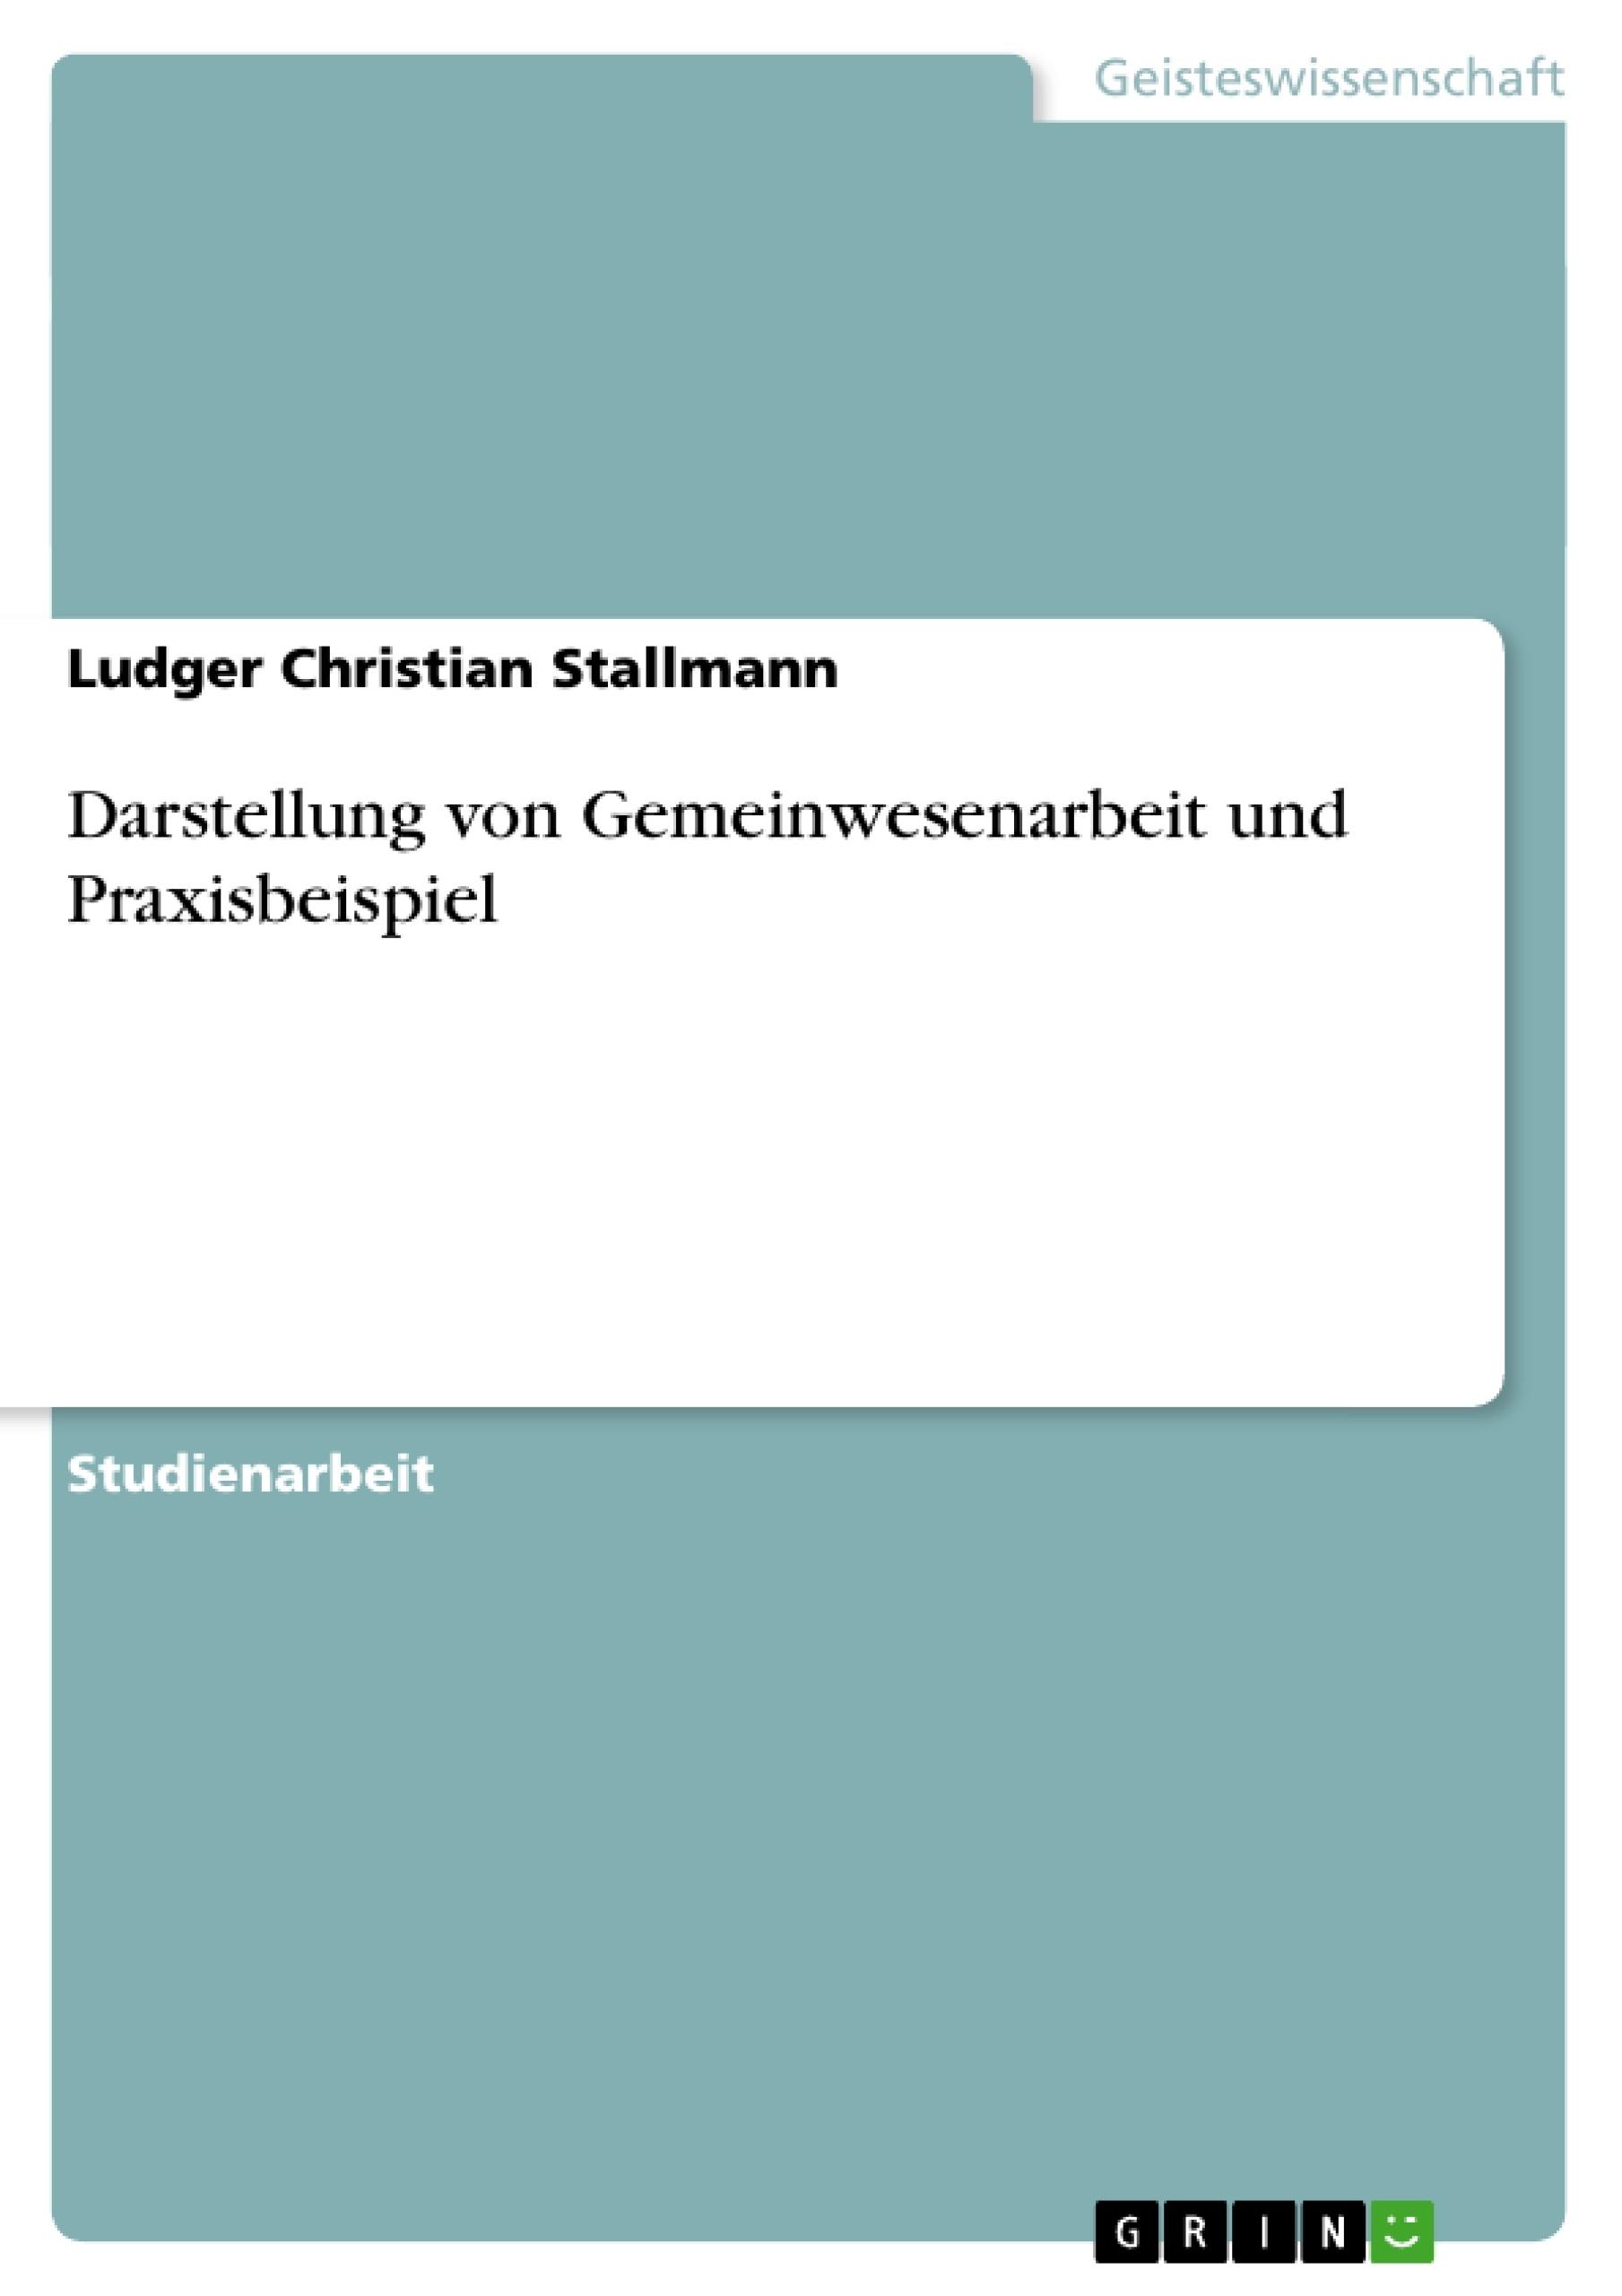 Titel: Darstellung von Gemeinwesenarbeit und Praxisbeispiel